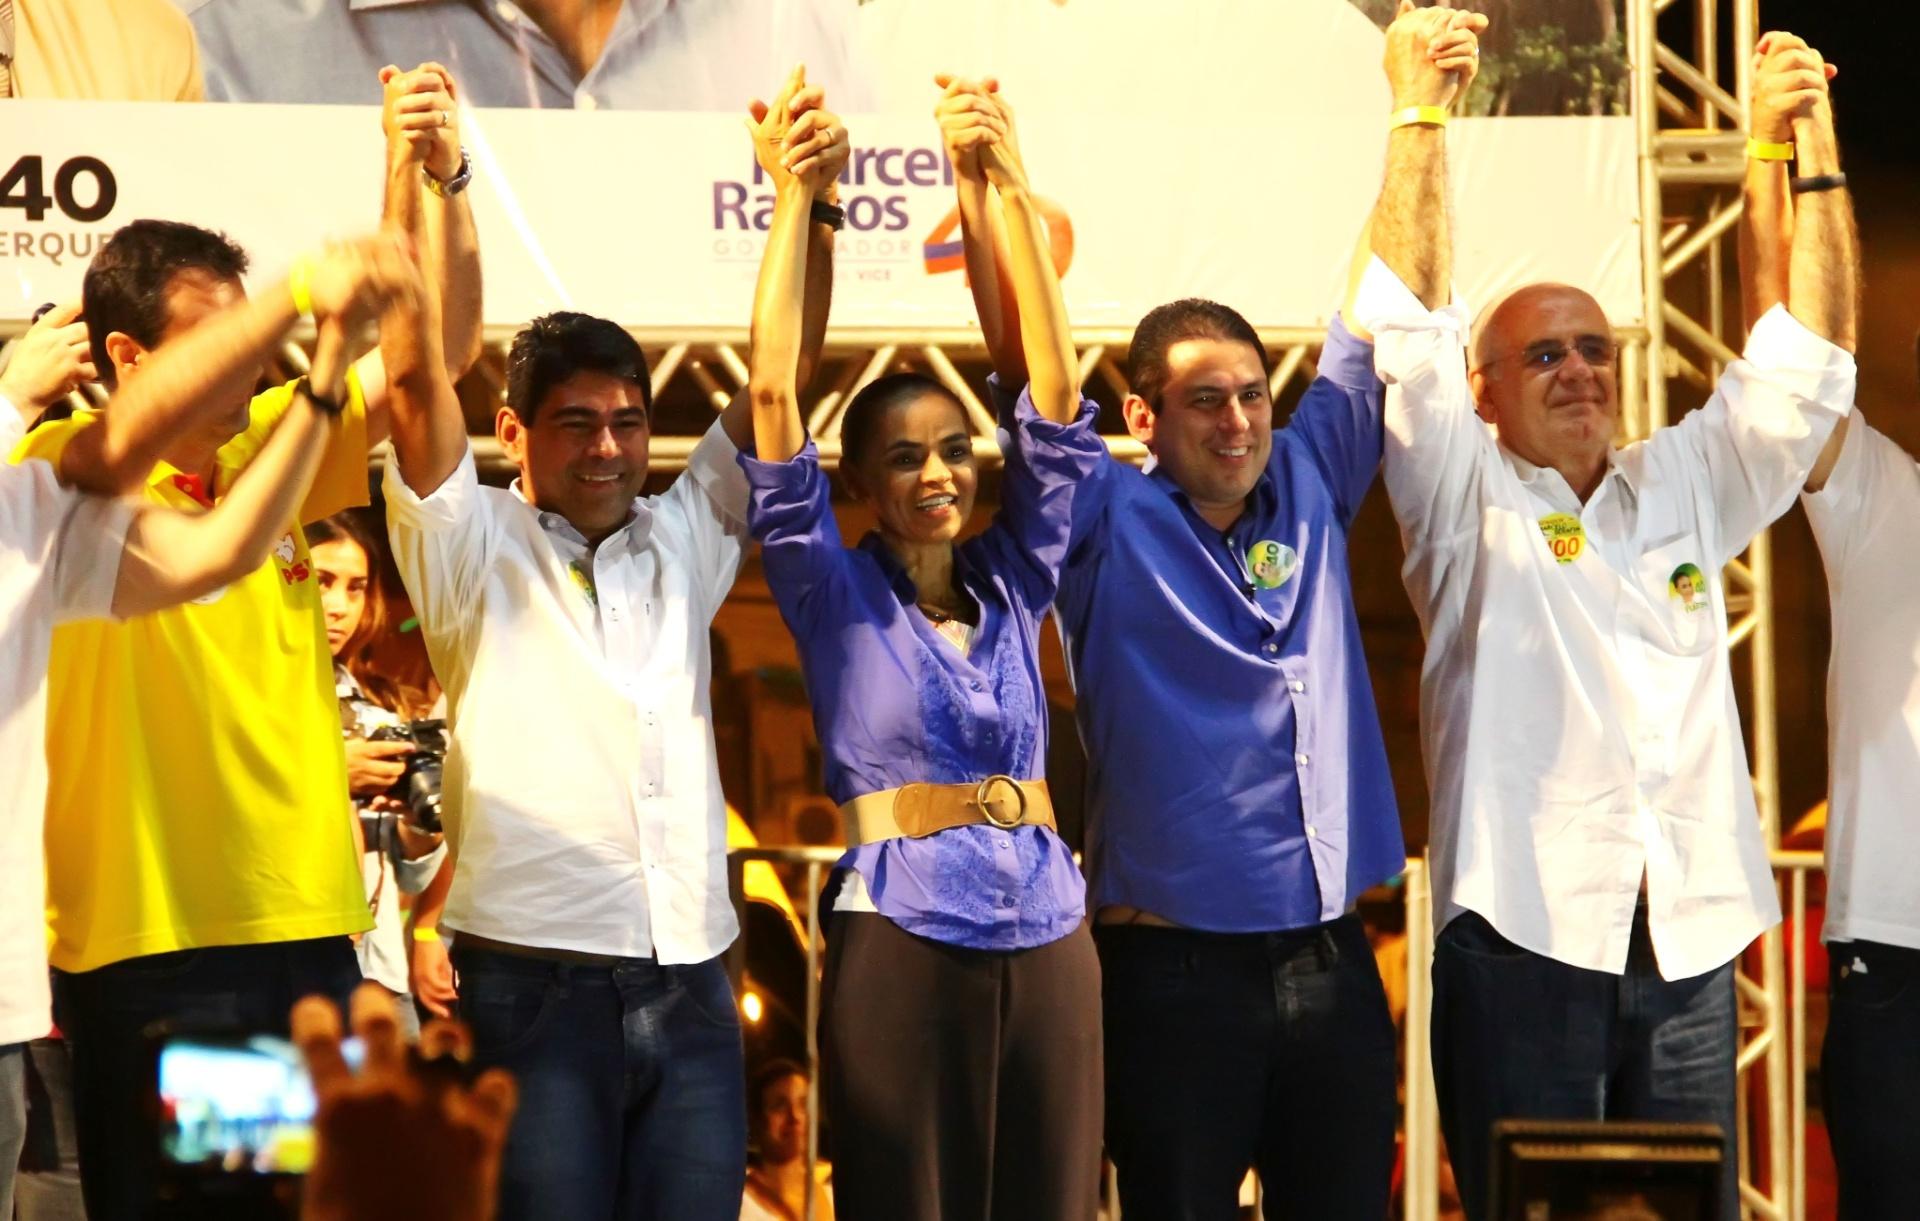 24.set.2014 - A candidata à Presidência da República Marina Silva (PSB) encerra comício durante visita a Manaus (AM). O evento ocorreu no bairro da Alvorada 1 e teve a participação do candidato ao governo de Amazonas Marcelo Ramos (à esq. de Marina), também do PSB, e de outras lideranças locais